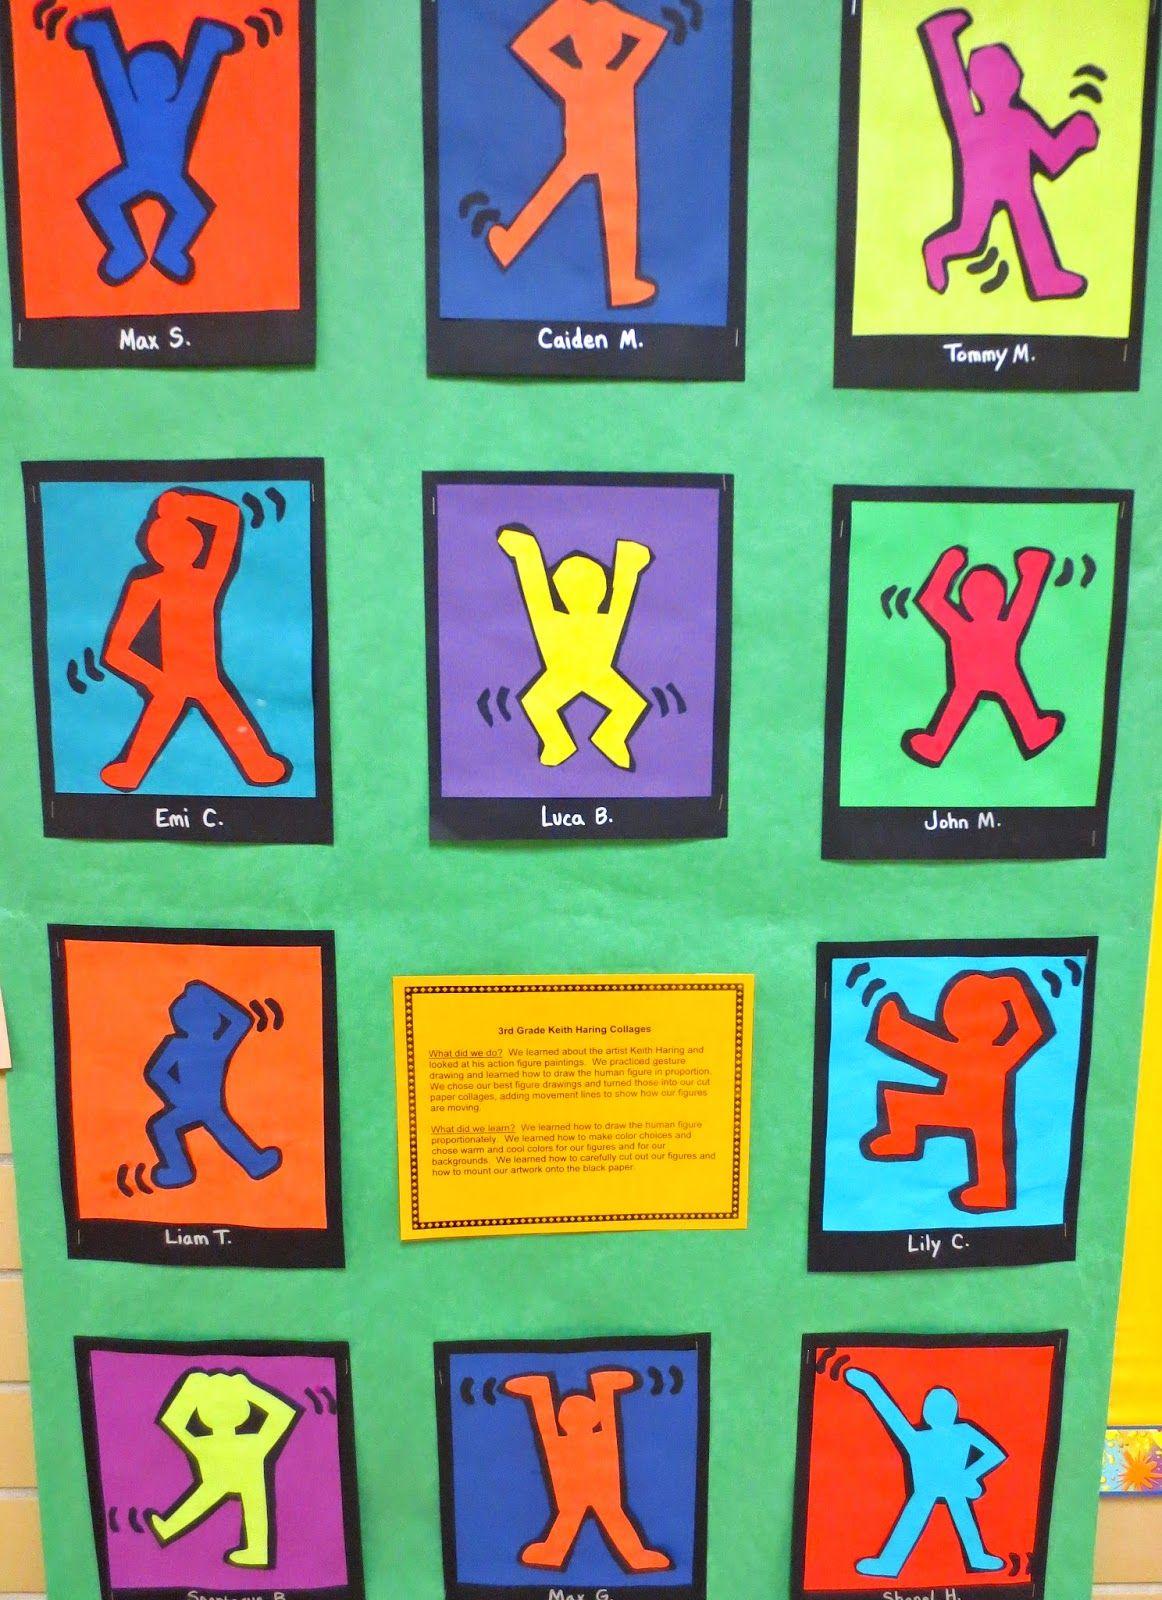 Zilker S School Wide Student Art Show